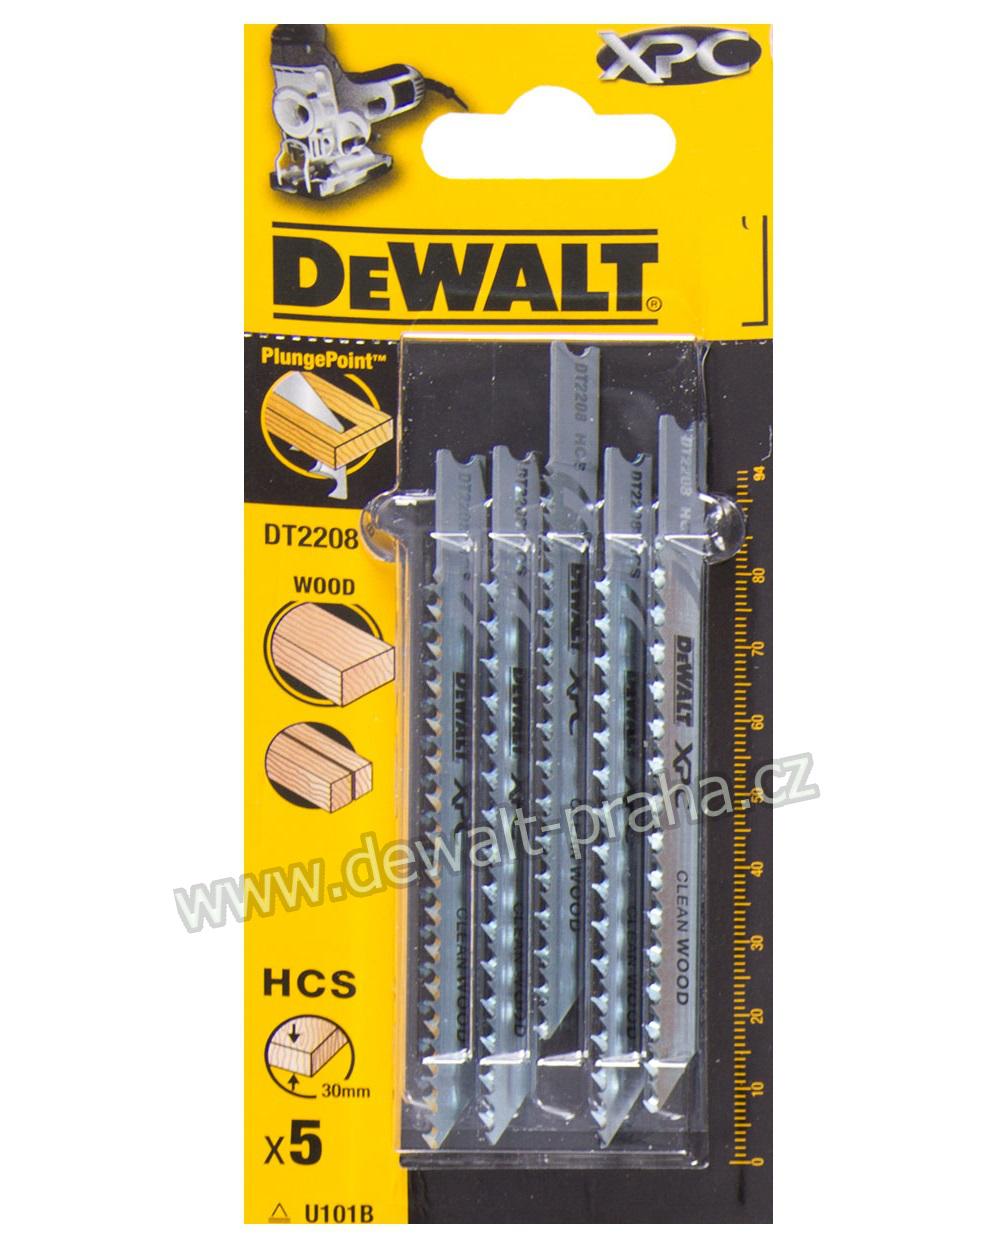 DT2208 DeWALT pilový plátek XPC 94 mm na dřevo 5ks z oceli s vysokým obsahem uhlíku (HCS)